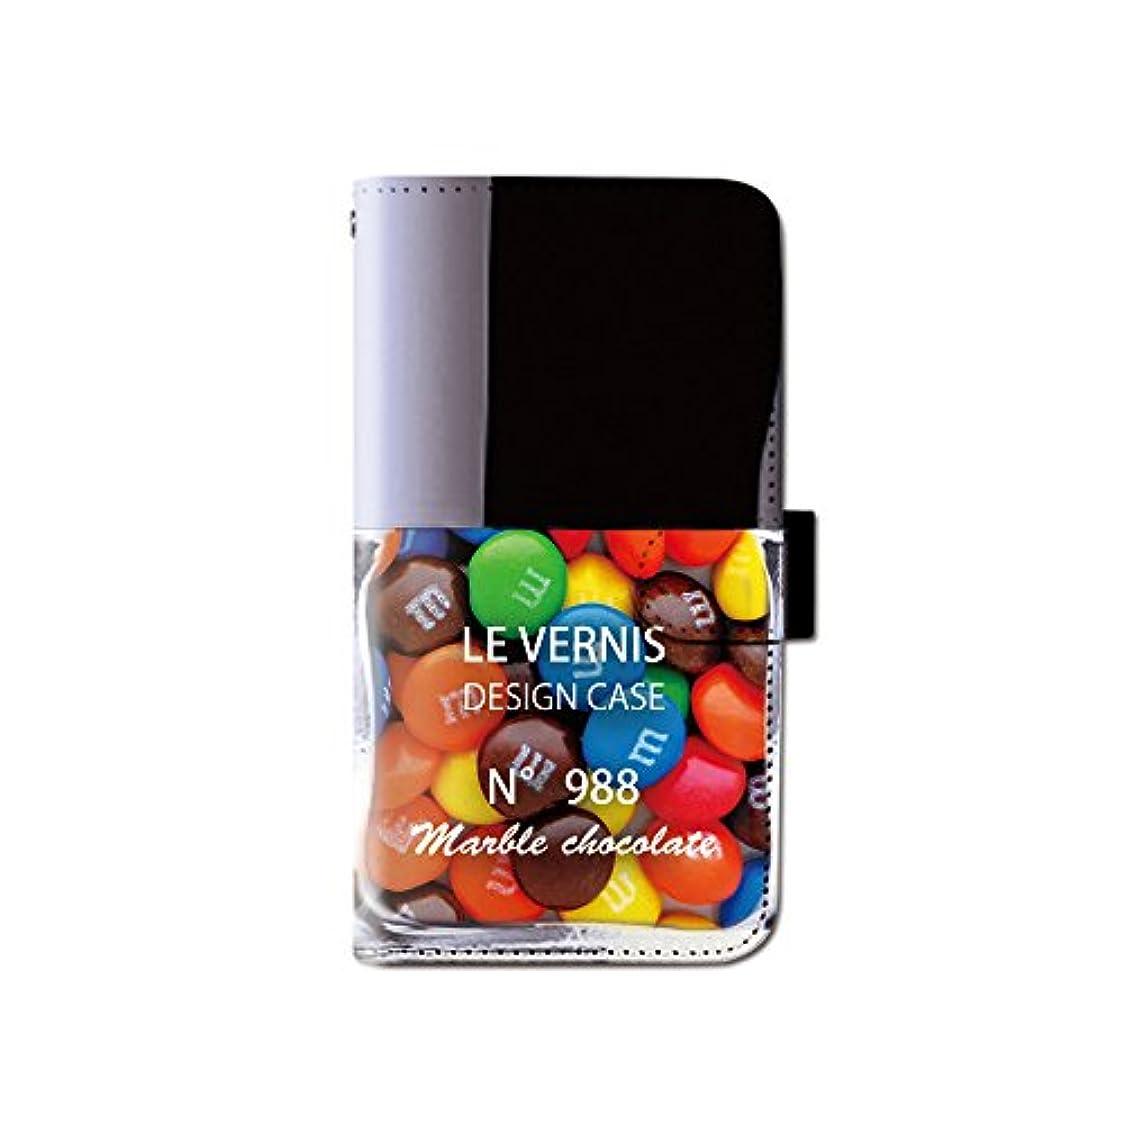 チップ気分レジiPhone XR 6.1 iPhoneXR マニキュア チョコ スイーツ スマホケース 手帳型 マグネット式 カード収納 dy001-00143-04 iPhone XR (6.1インチ):L